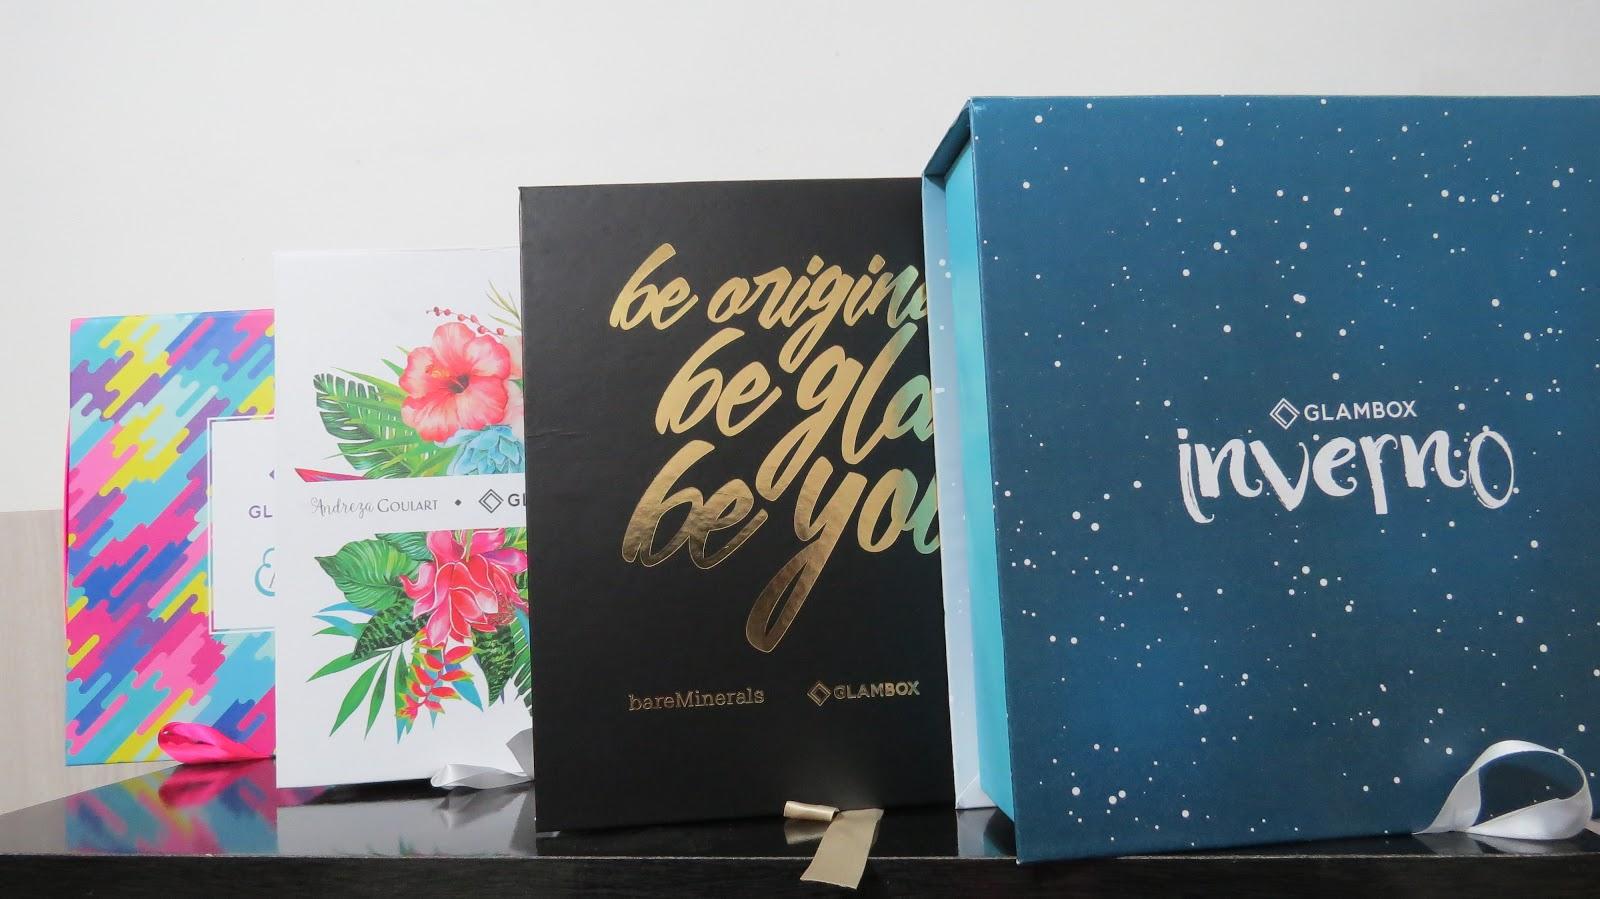 Essas foi as edições que recebi até agora, tem mais caixas porém como elas  são lindas, as amigas acaba pegando e levando em bora kkk. 27b44bccbc